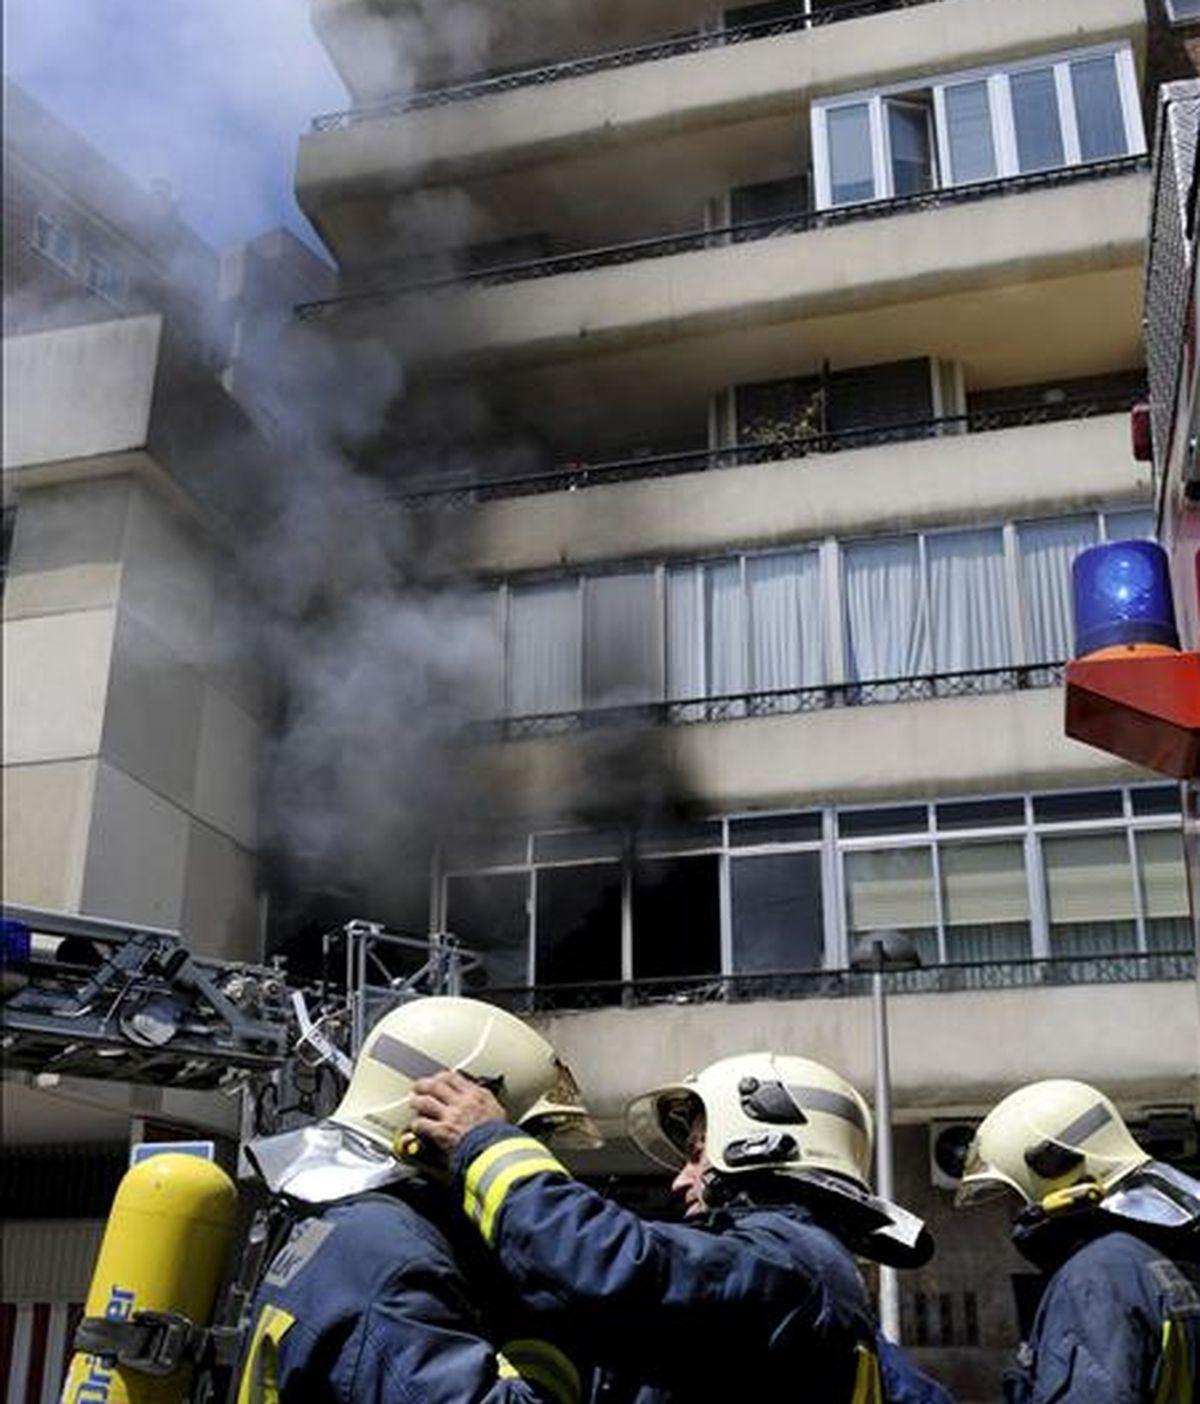 Varios efectivos del cuerpo Bomberos durante las labores de extinción del incendio que se ha producido en el primer piso del número uno de la calle Negubide, en Getxo, en el que un hombre, cuya identidad se desconoce, ha fallecido. EFE